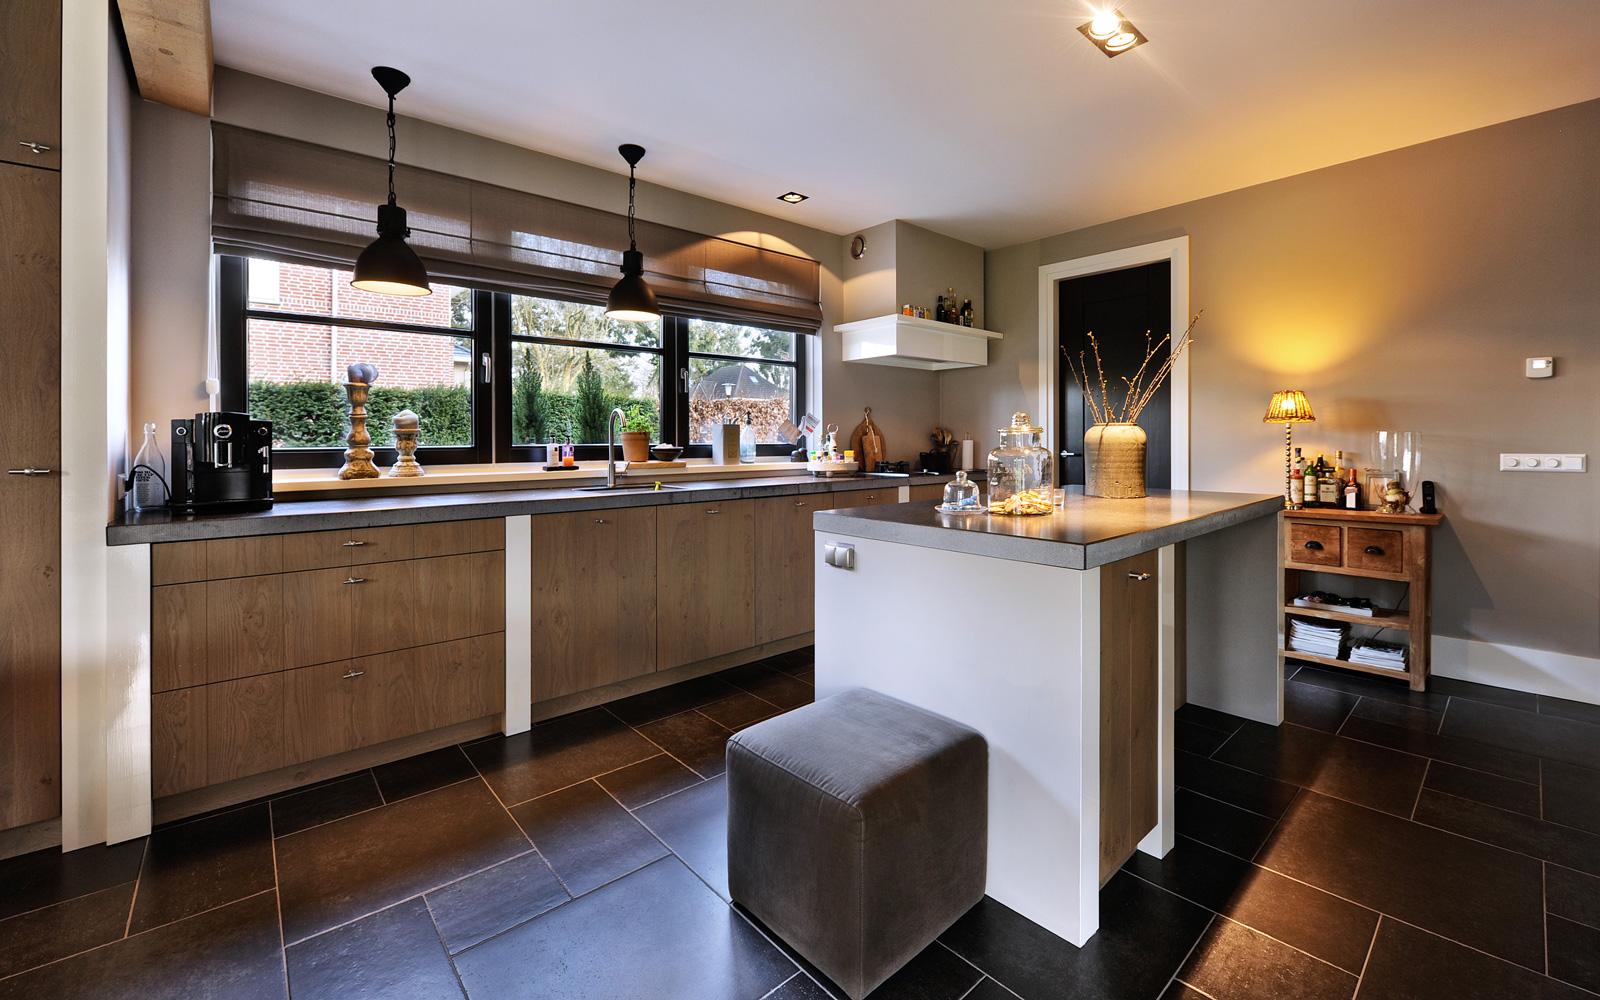 De luxe keuken is gemaakt door Novarti.